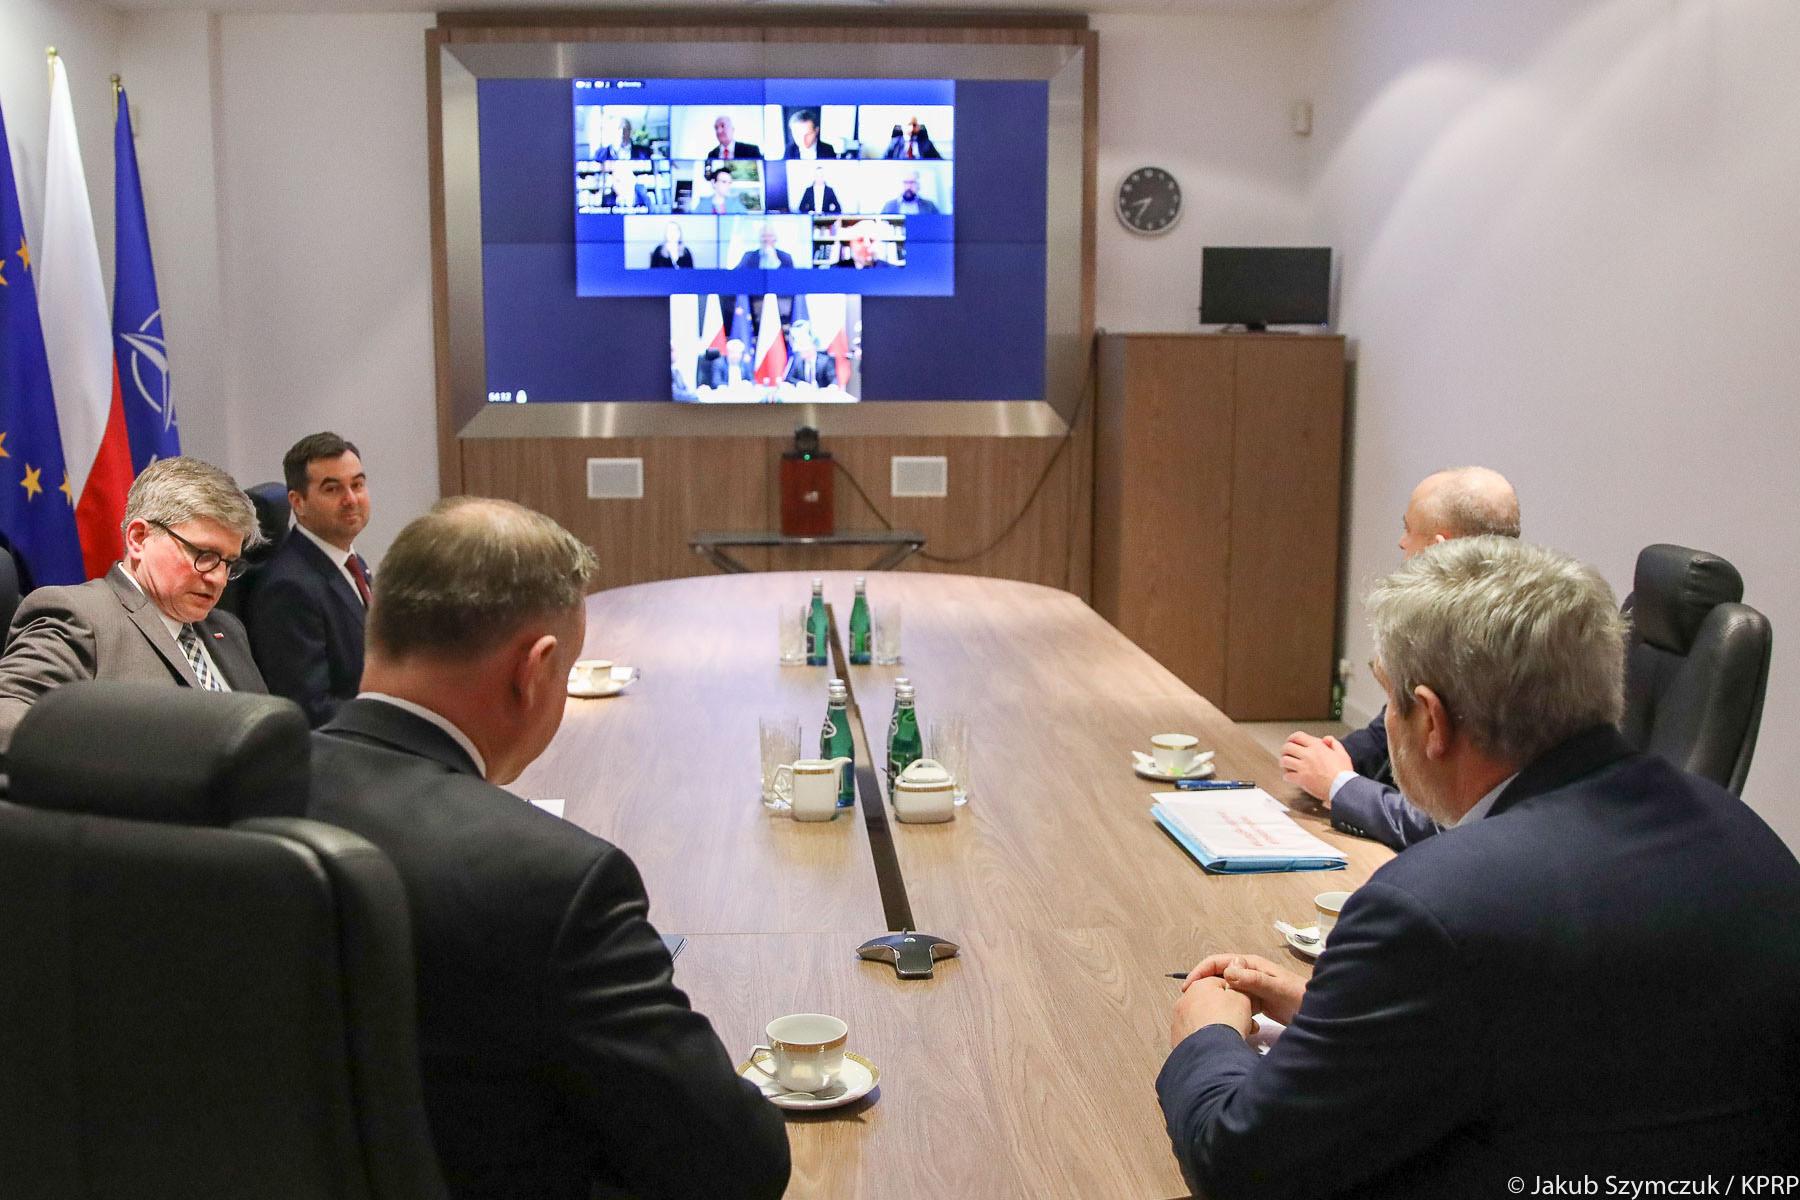 Spotkanie Prezydenta z Ministrem Rolnictwa i Rozwoju Wsi oraz przedstawicieli branż rolniczych